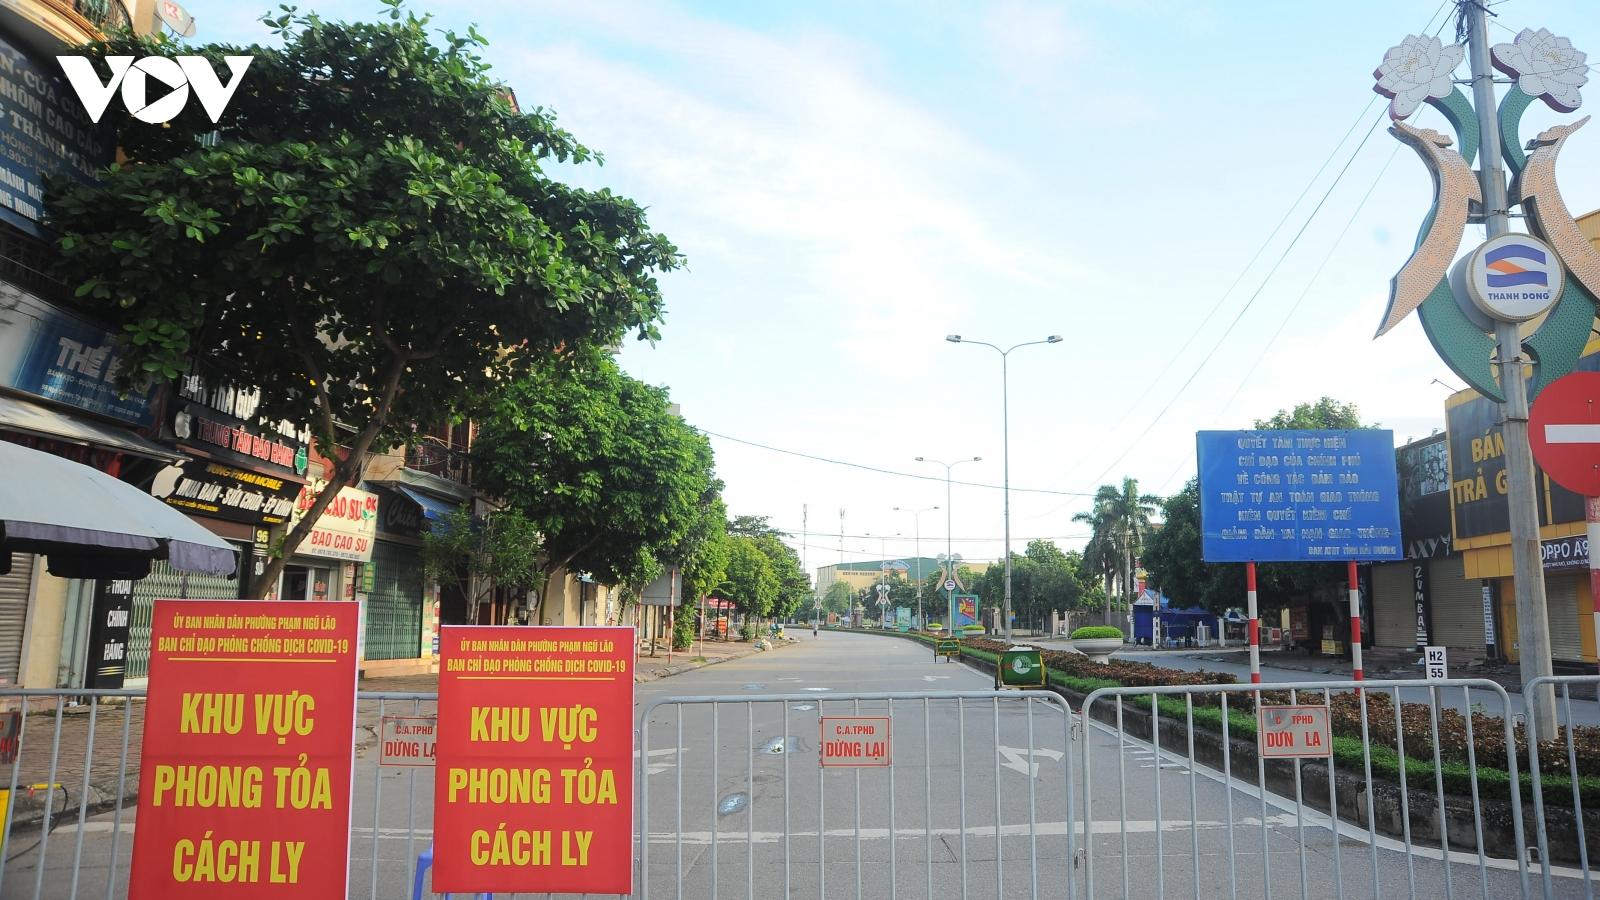 Khiển trách hai cán bộ Bảo ViệtNhân thọ Hải Dương do không khai báo y tế